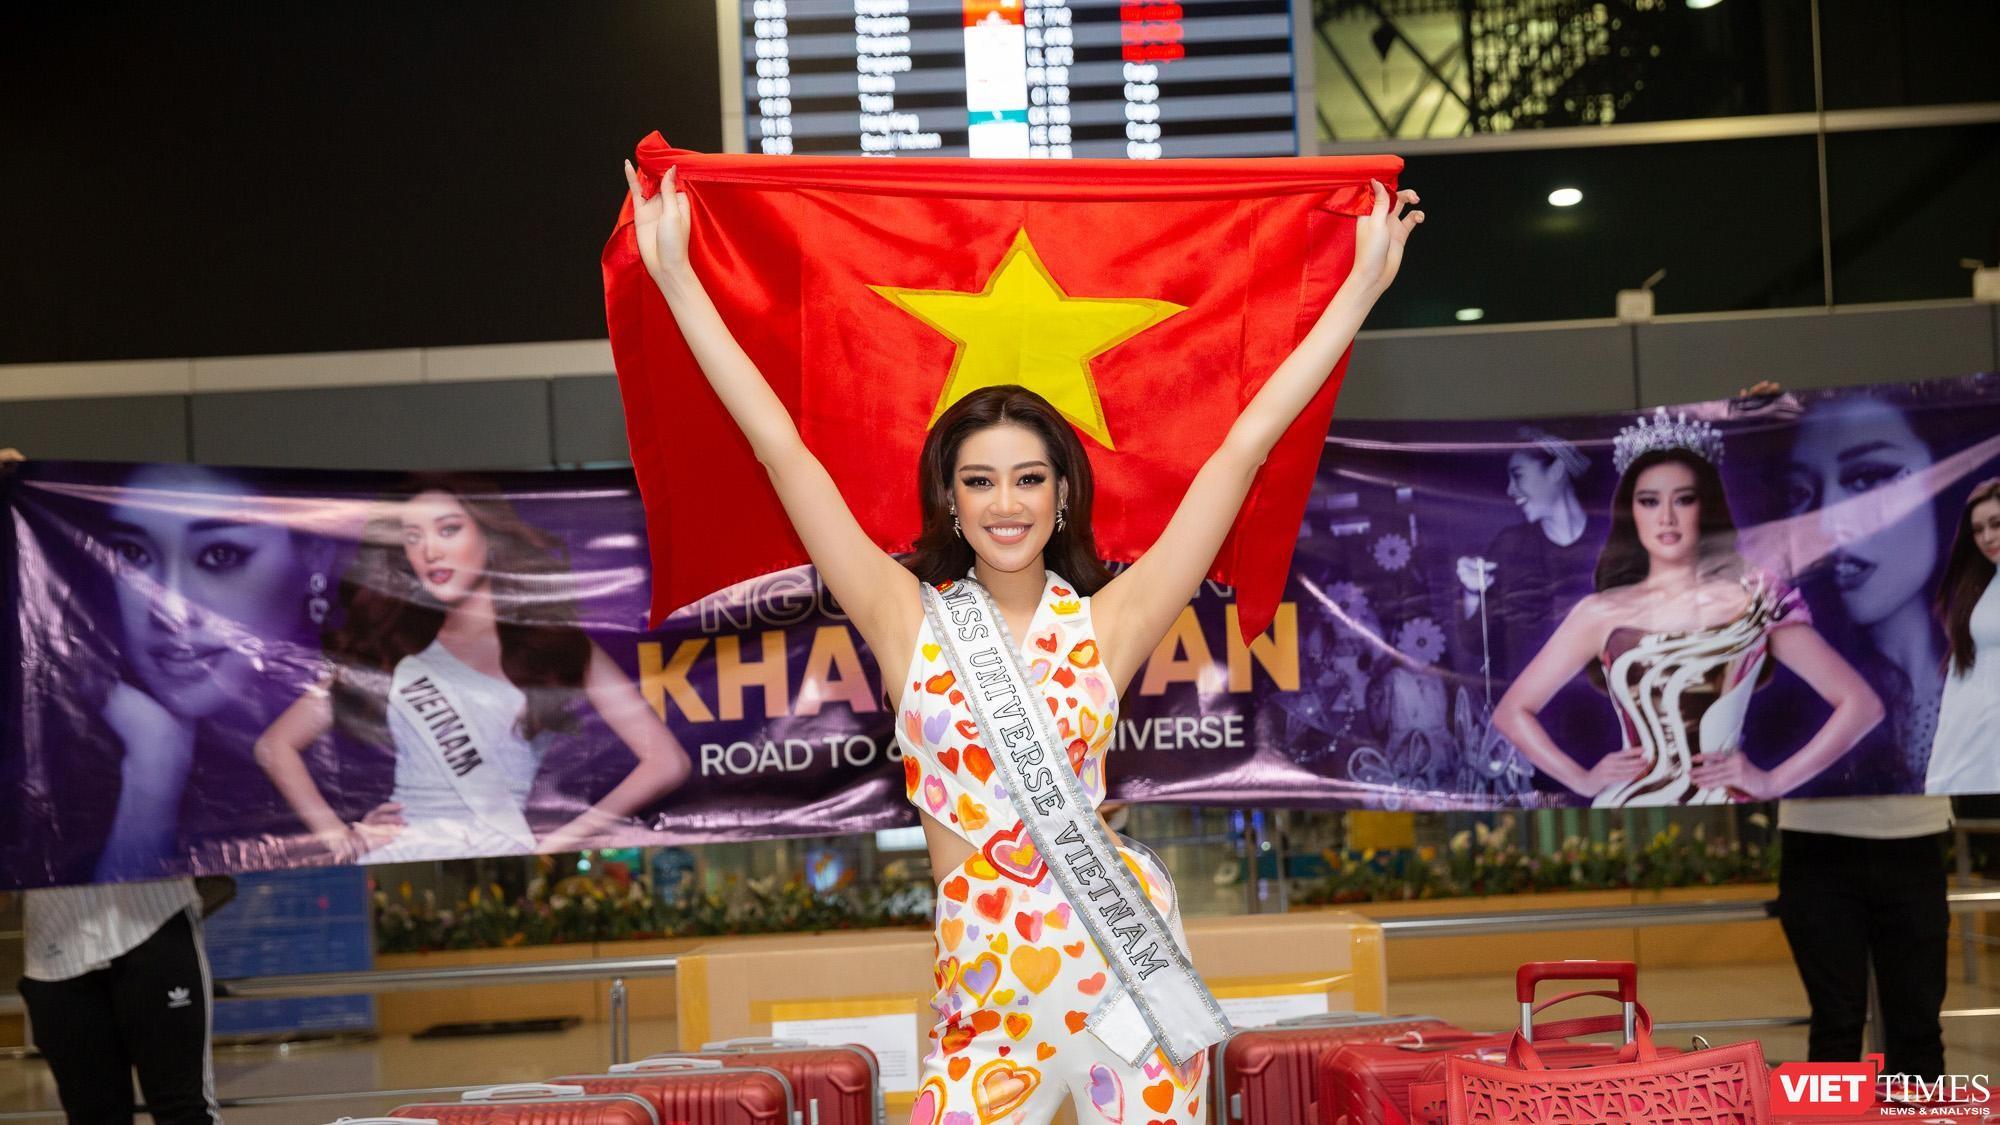 Hoa hậu Khánh Vân vừa đến Mỹ đã được dự báo có thể vào Top 21 Miss Universe